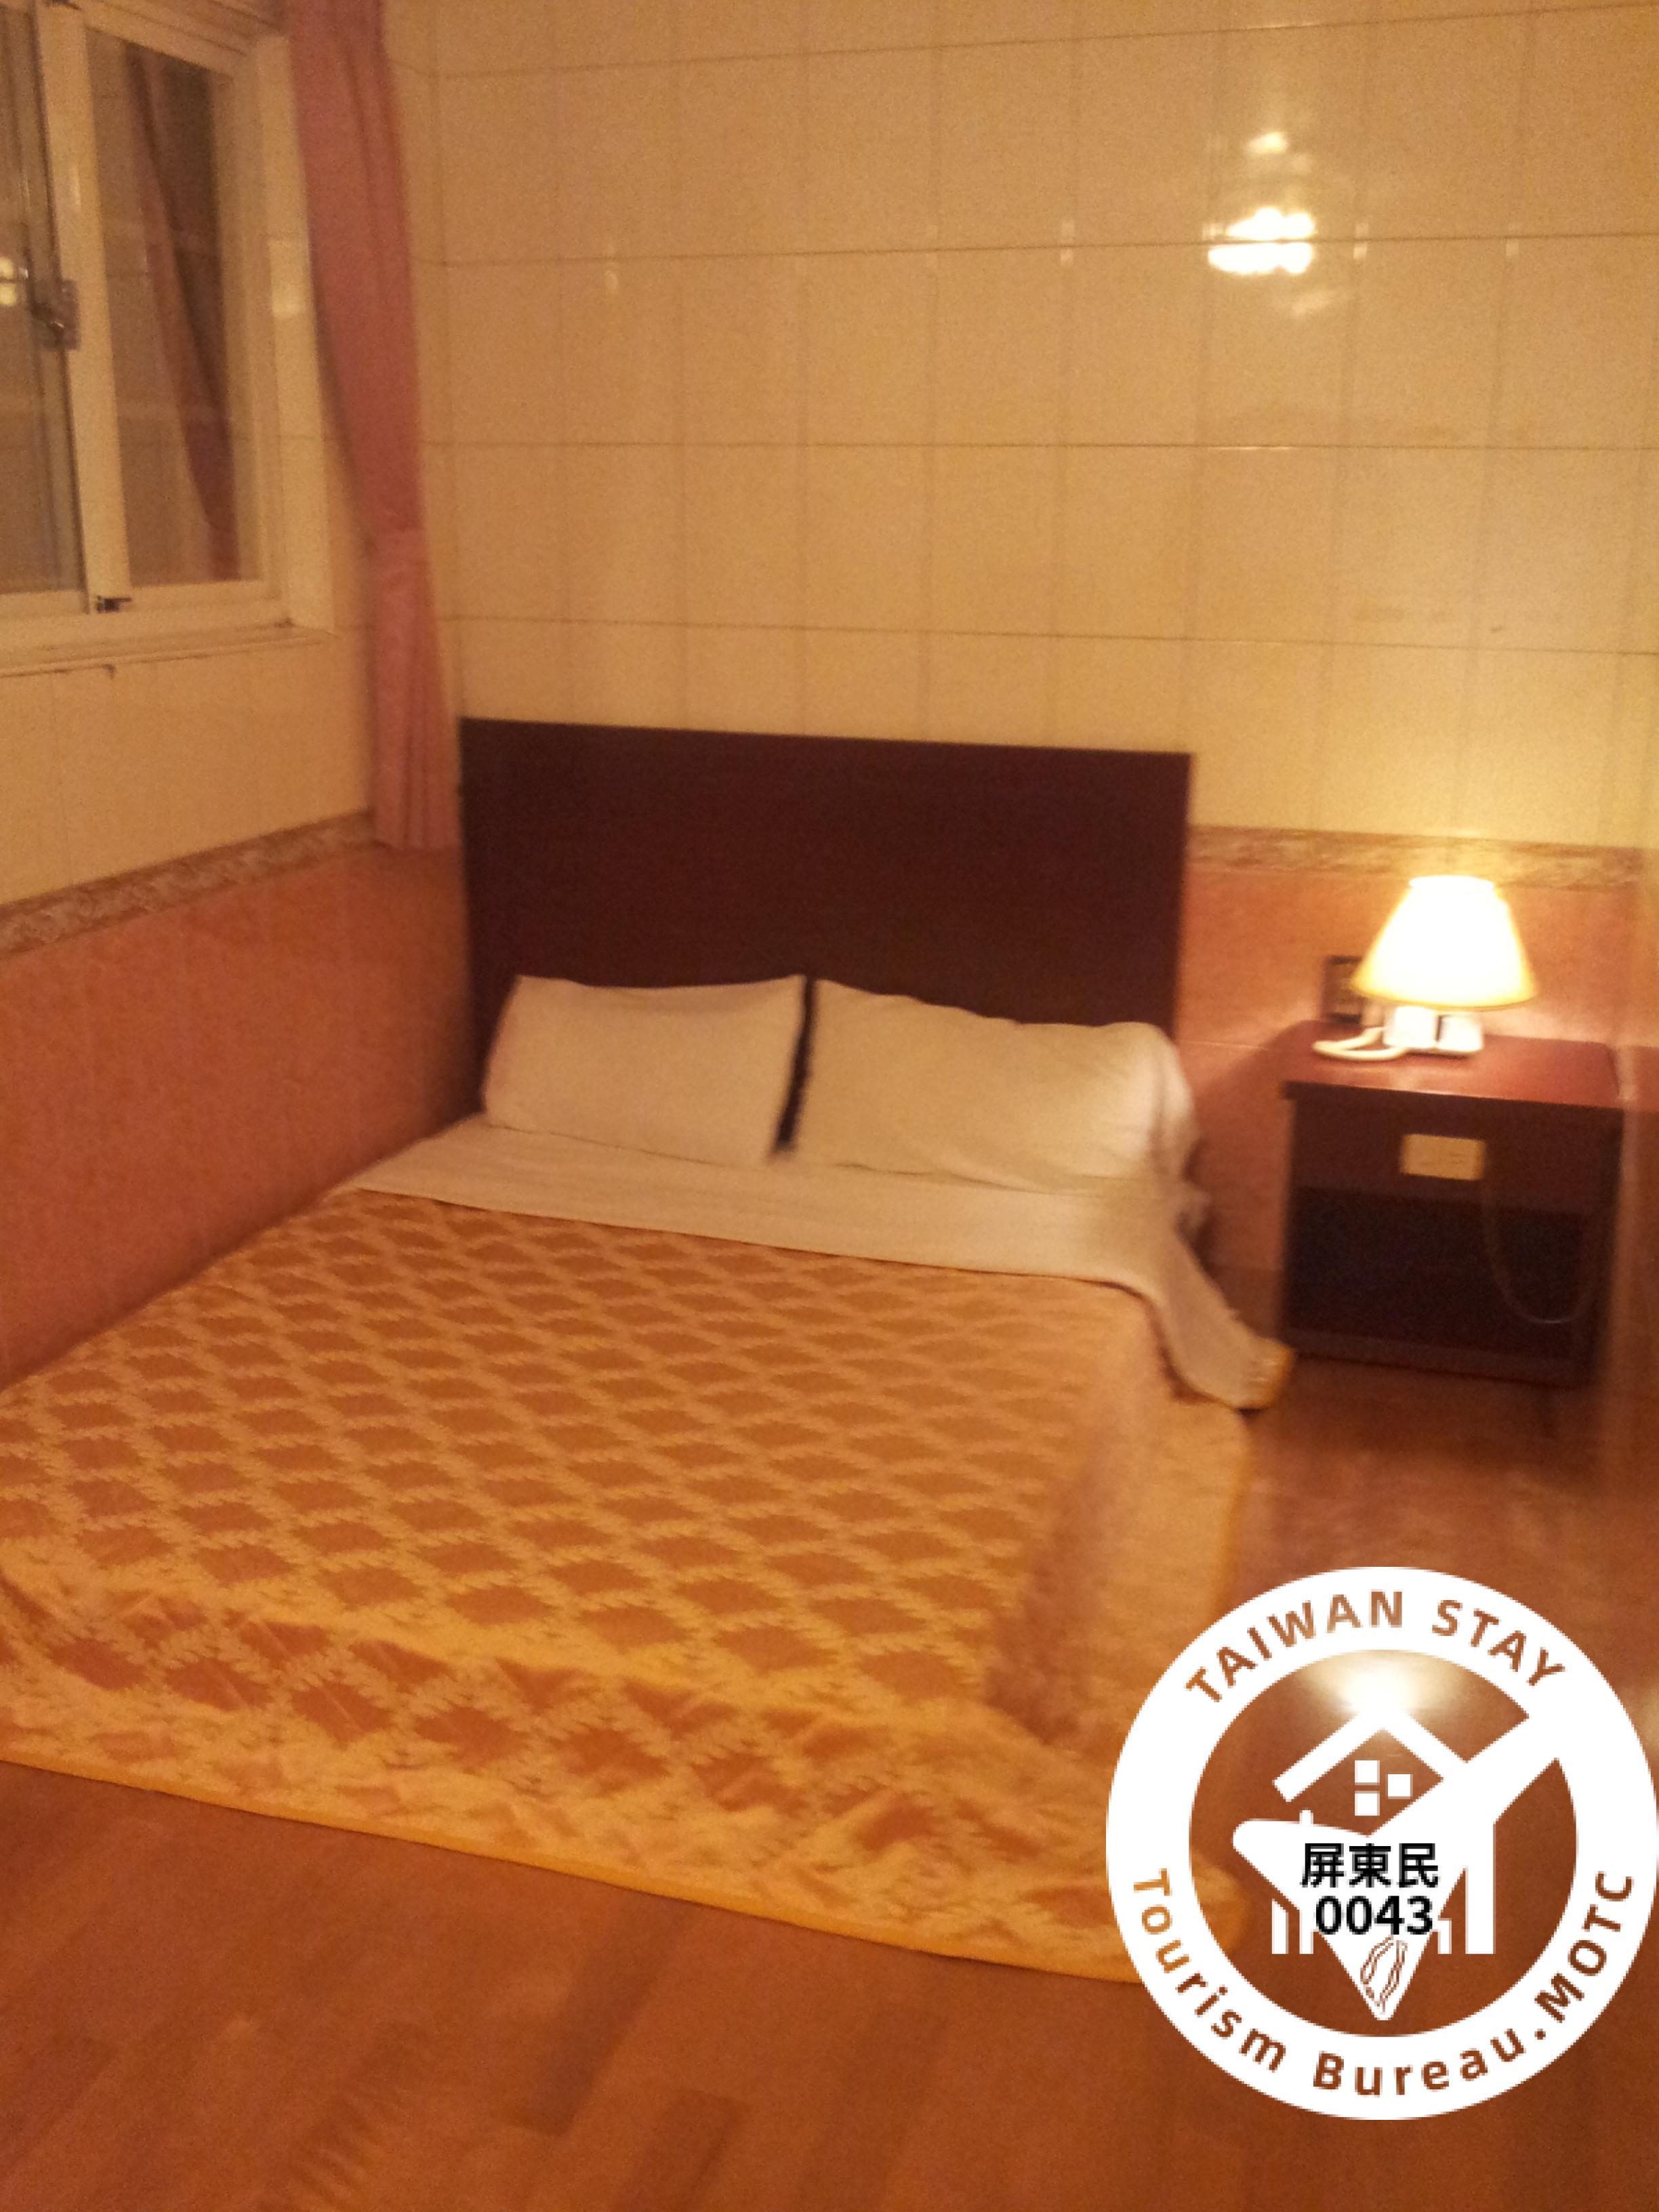 一般旅館2